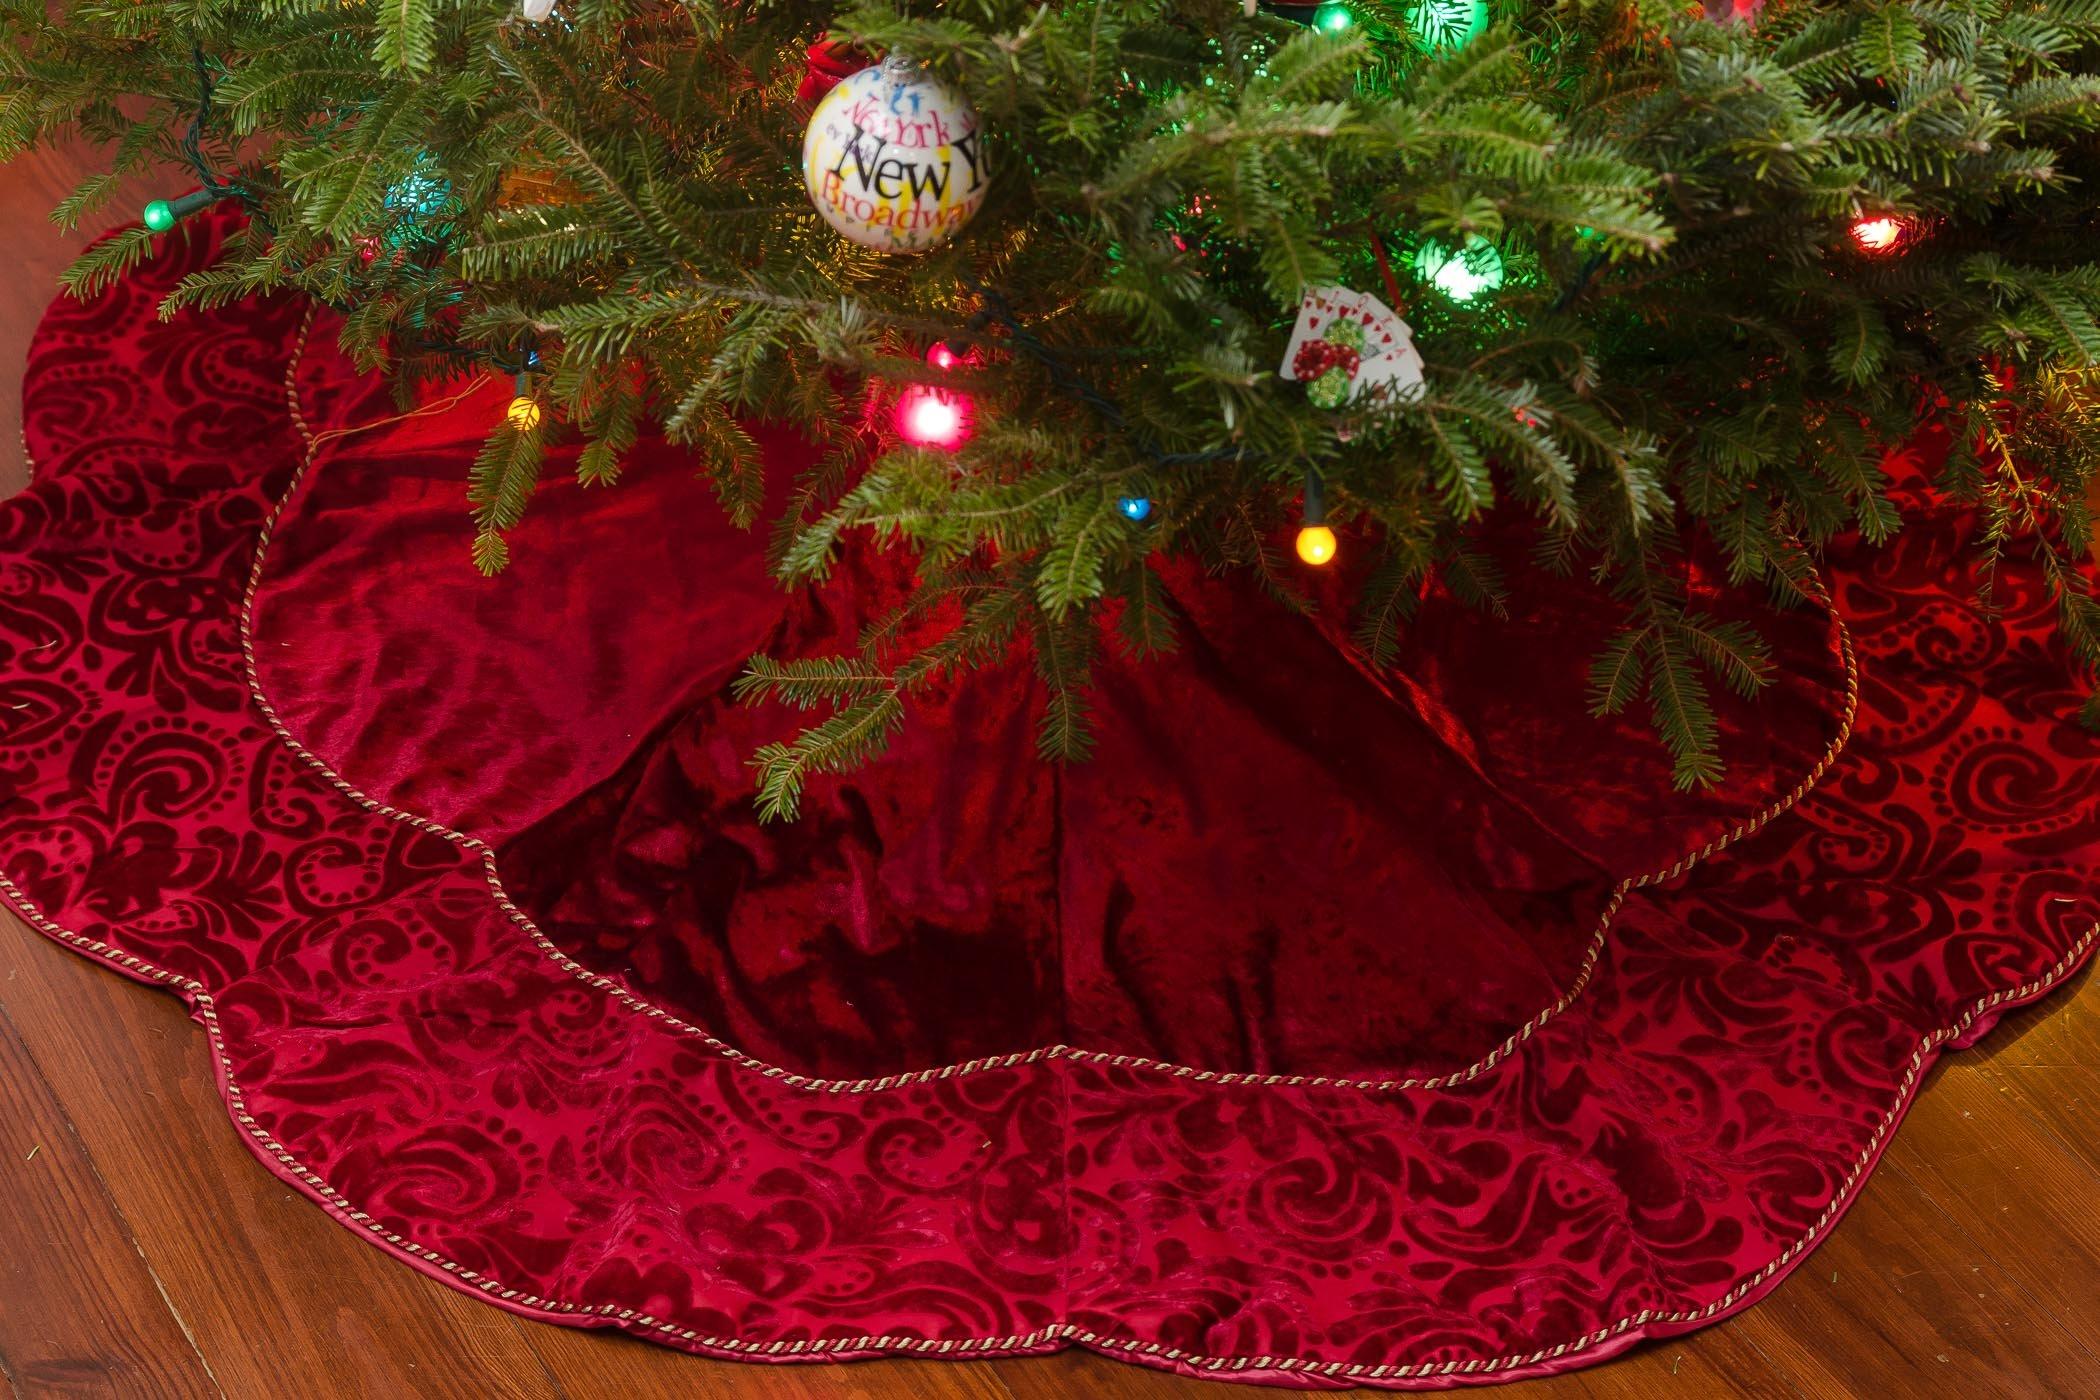 Silk Velvet Damask -- Handmade Red Silk Velvet Scalloped Victorian Traditional Classic High-End Decorative Christmas Tree Skirt. 54'' Across. (54'' Diameter)